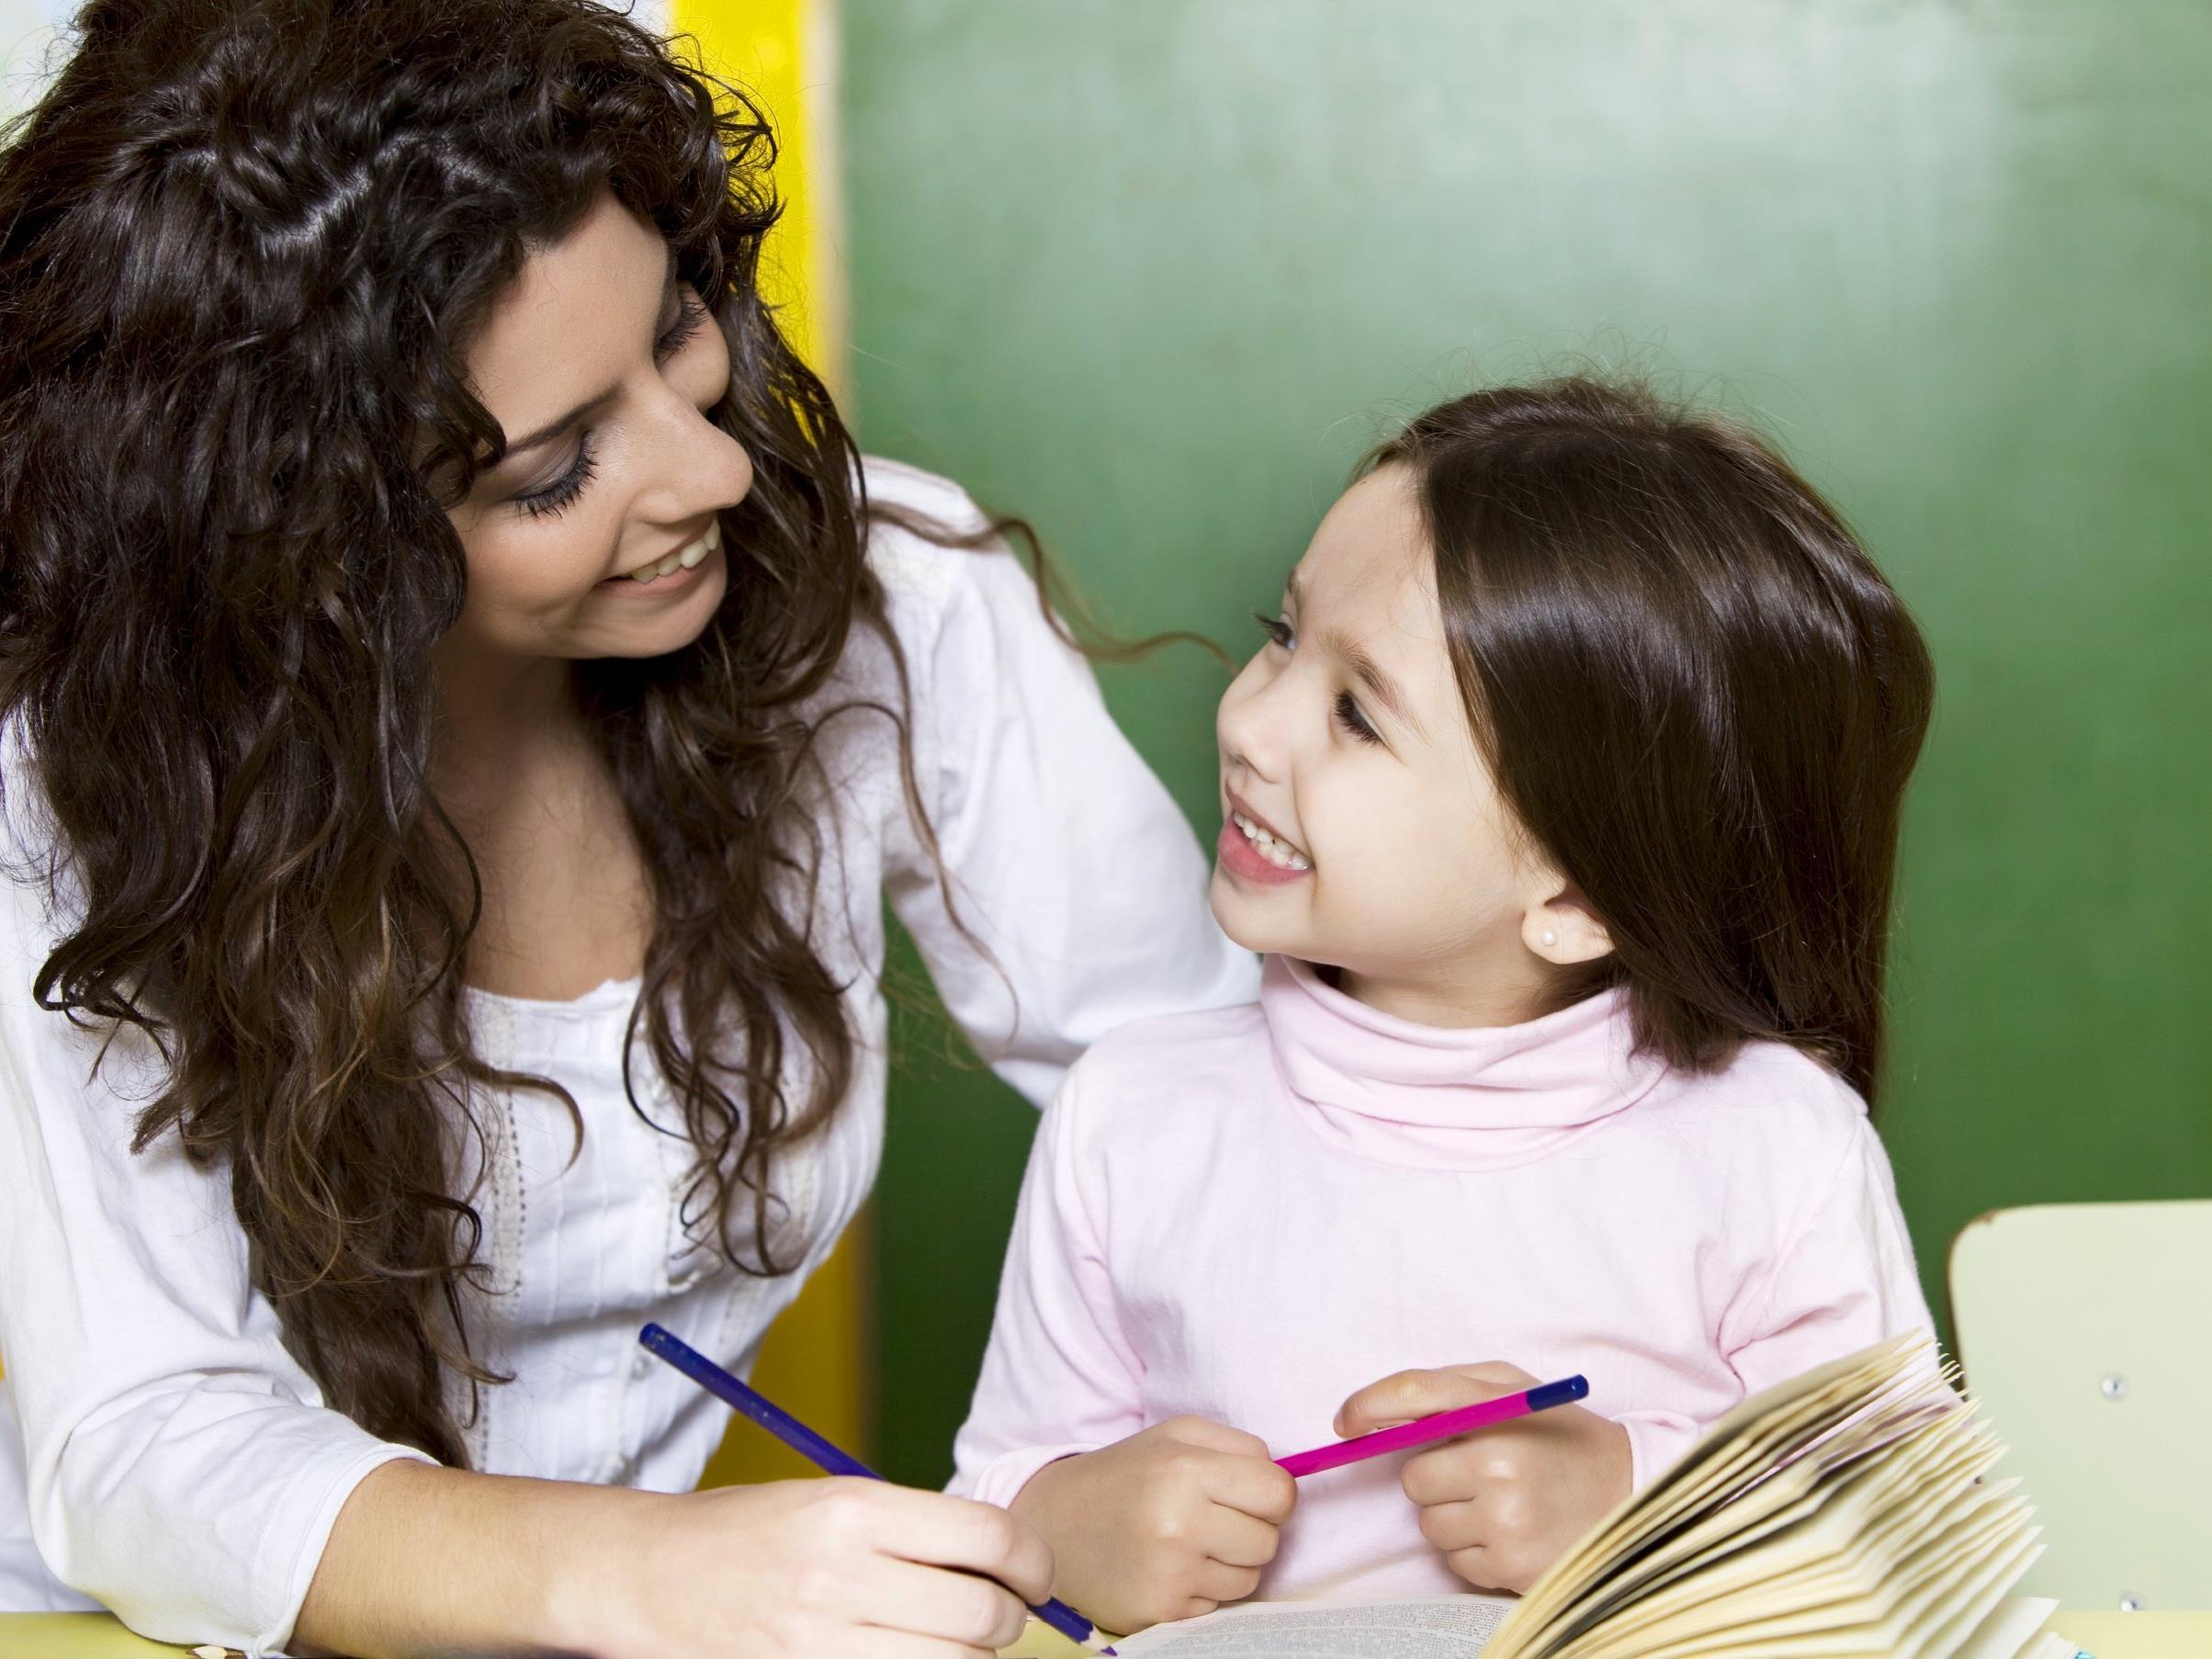 Ein gutes Erlernen der Muttersprache ist der Schlüssel zum Erwerb einer zweiten Sprache.